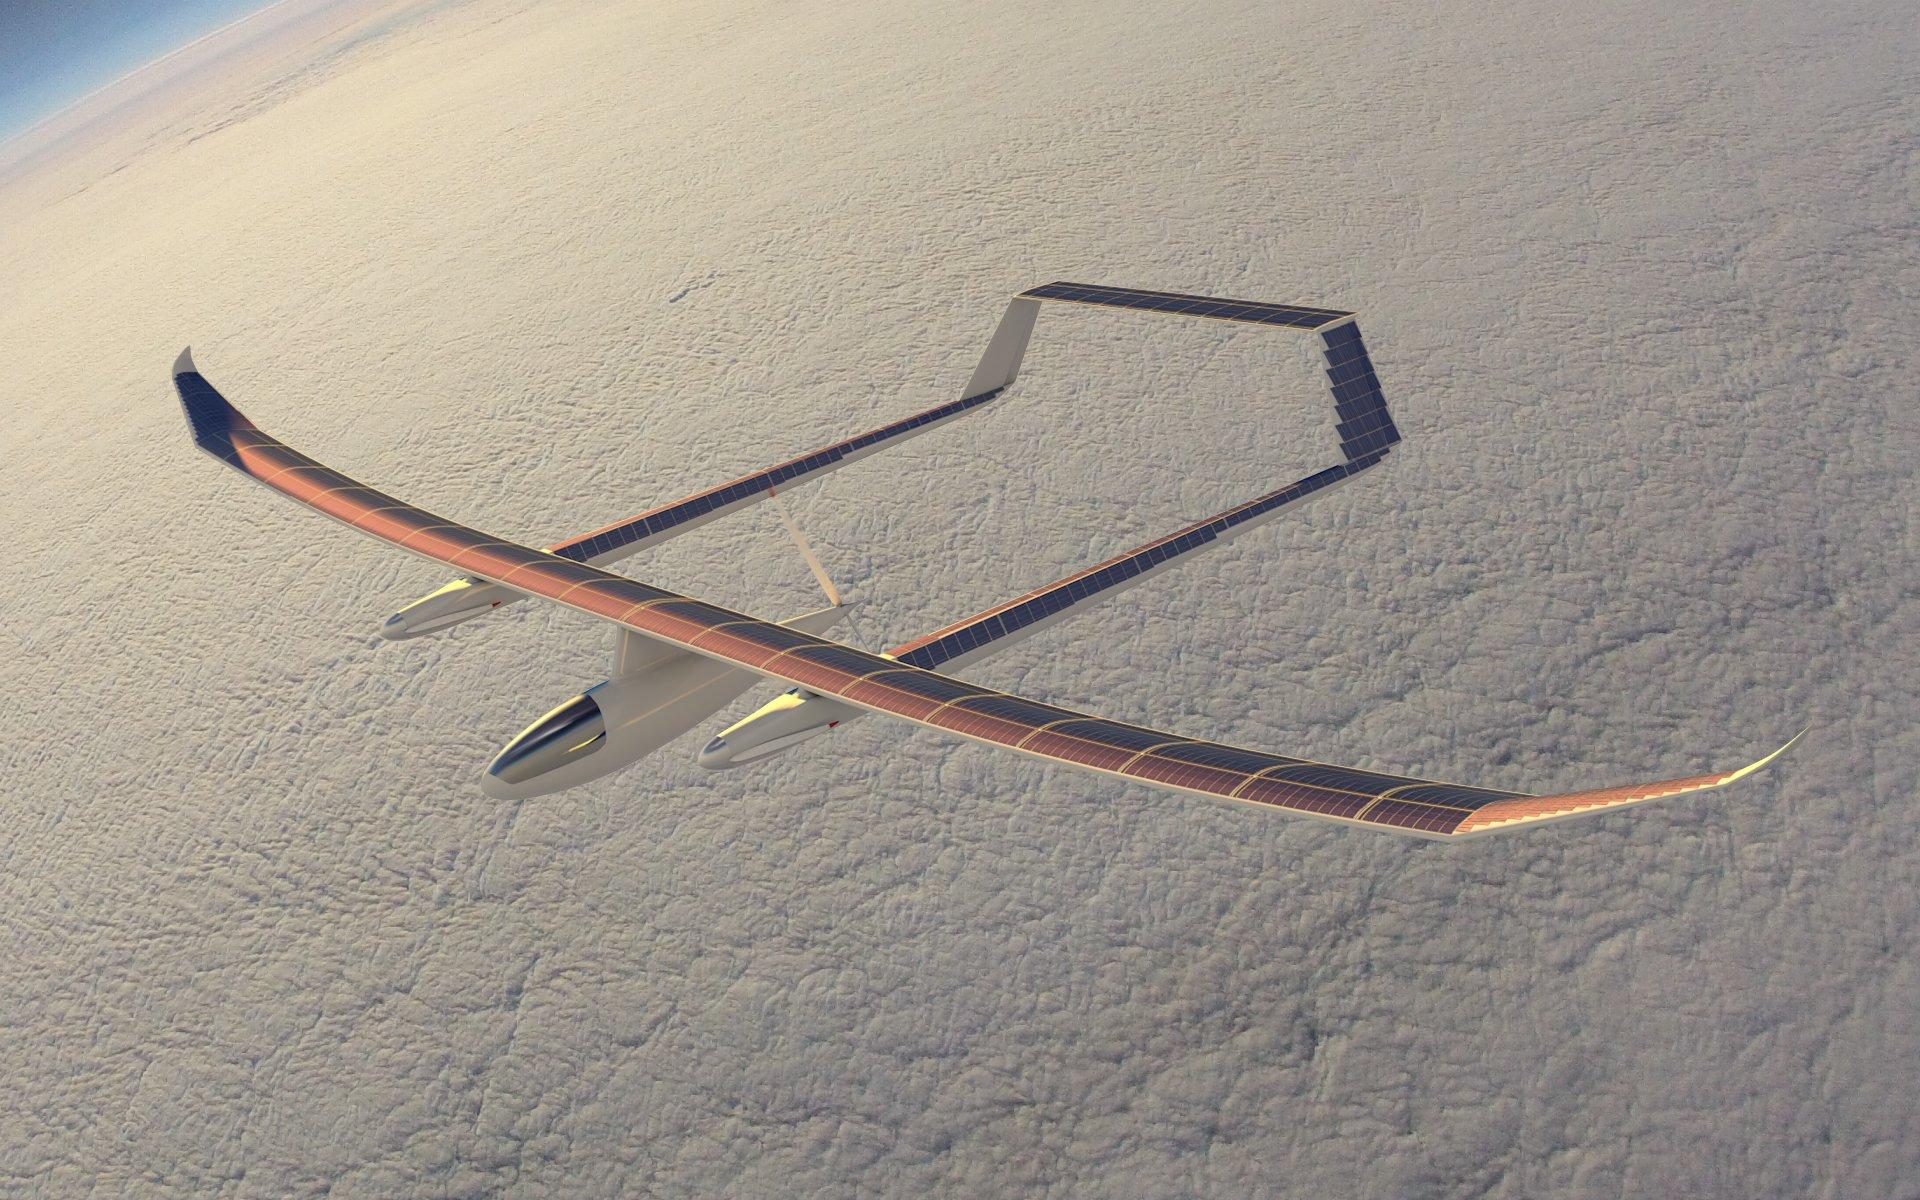 Solar Flight tüftelt schon an Entwürfen für die Sunstar – das erste solarbetriebene Passagierflugzeug der Welt.